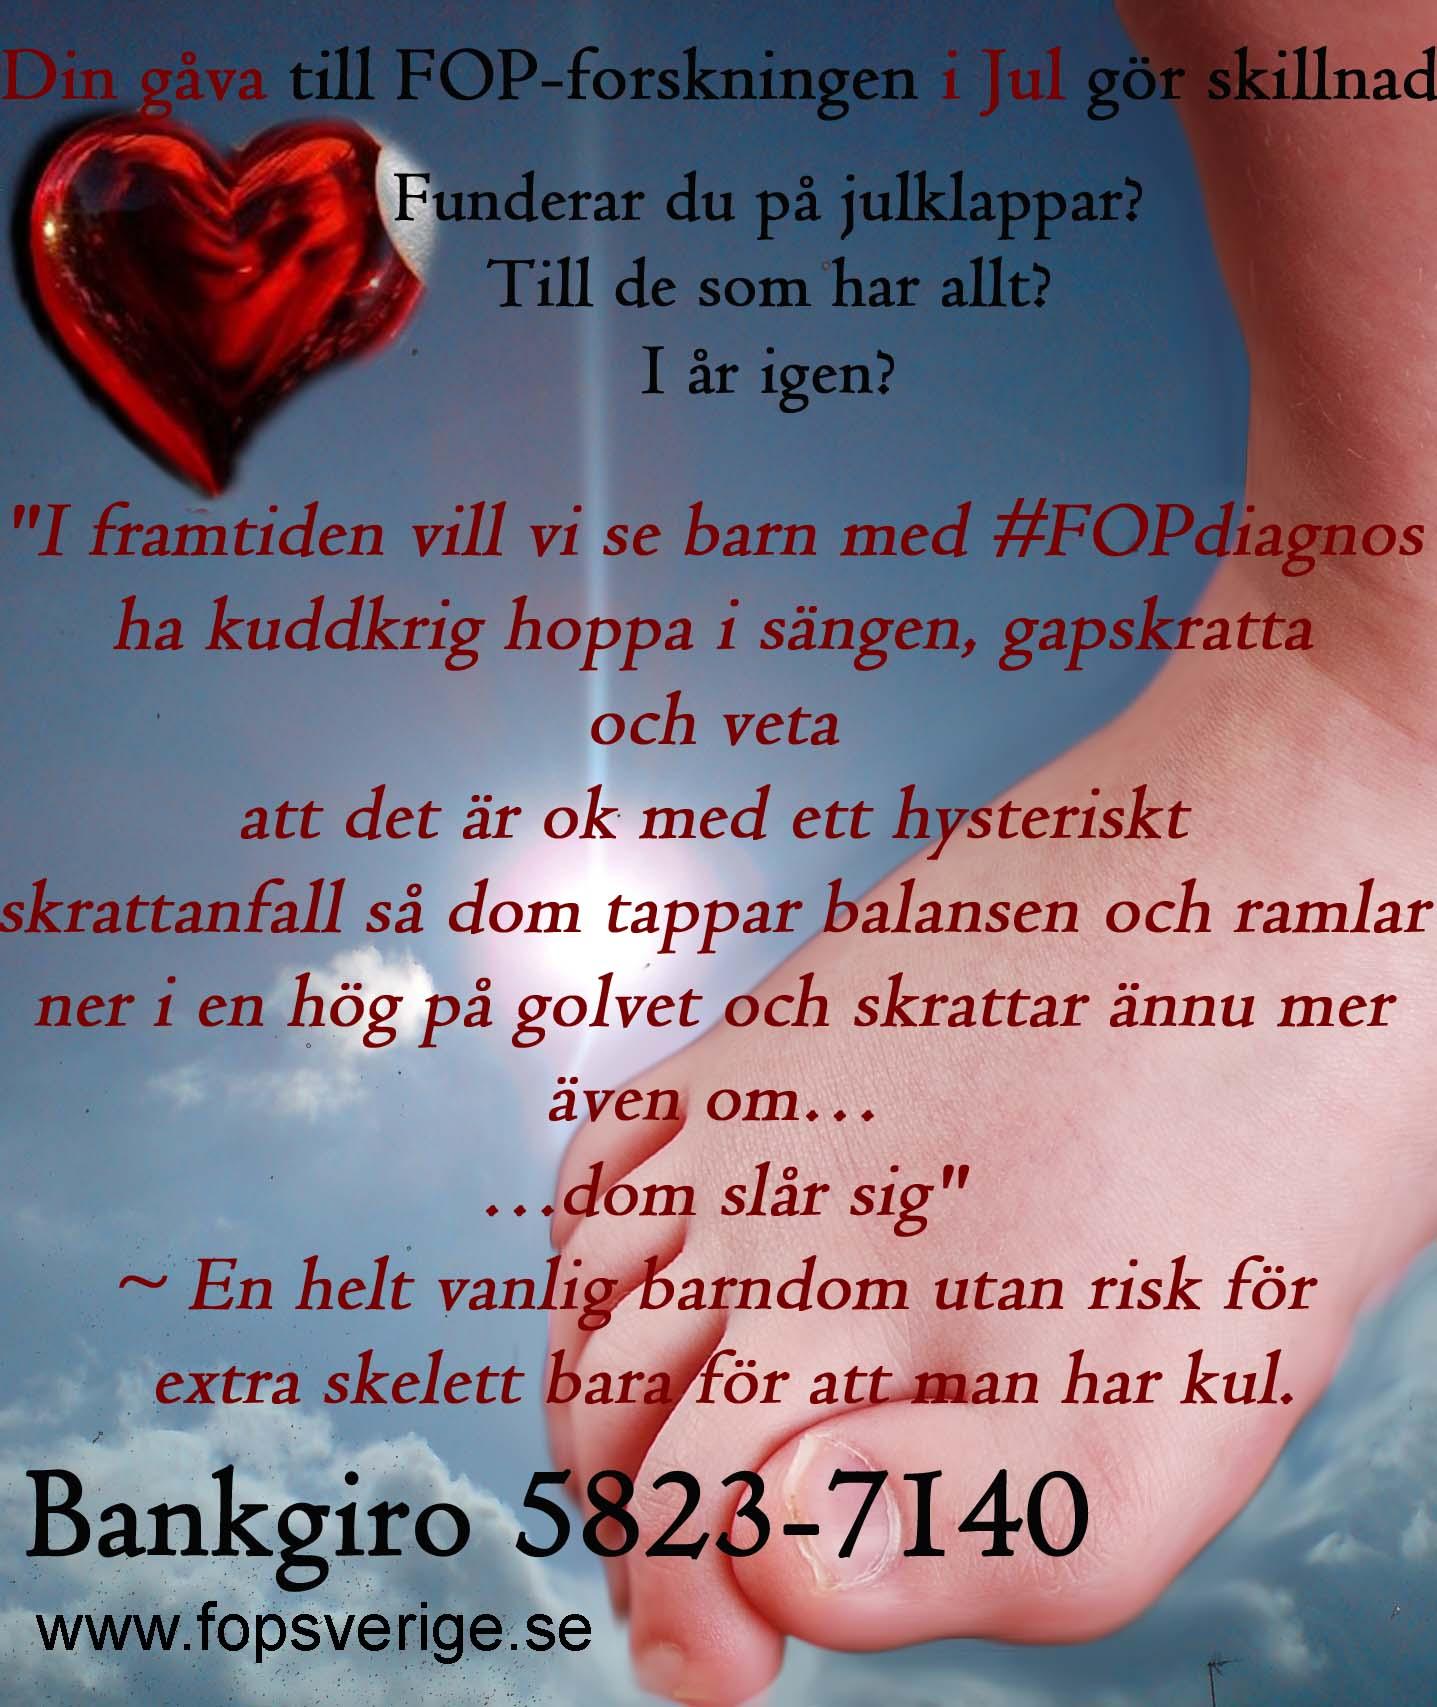 God Jul önskar FOP Sverige